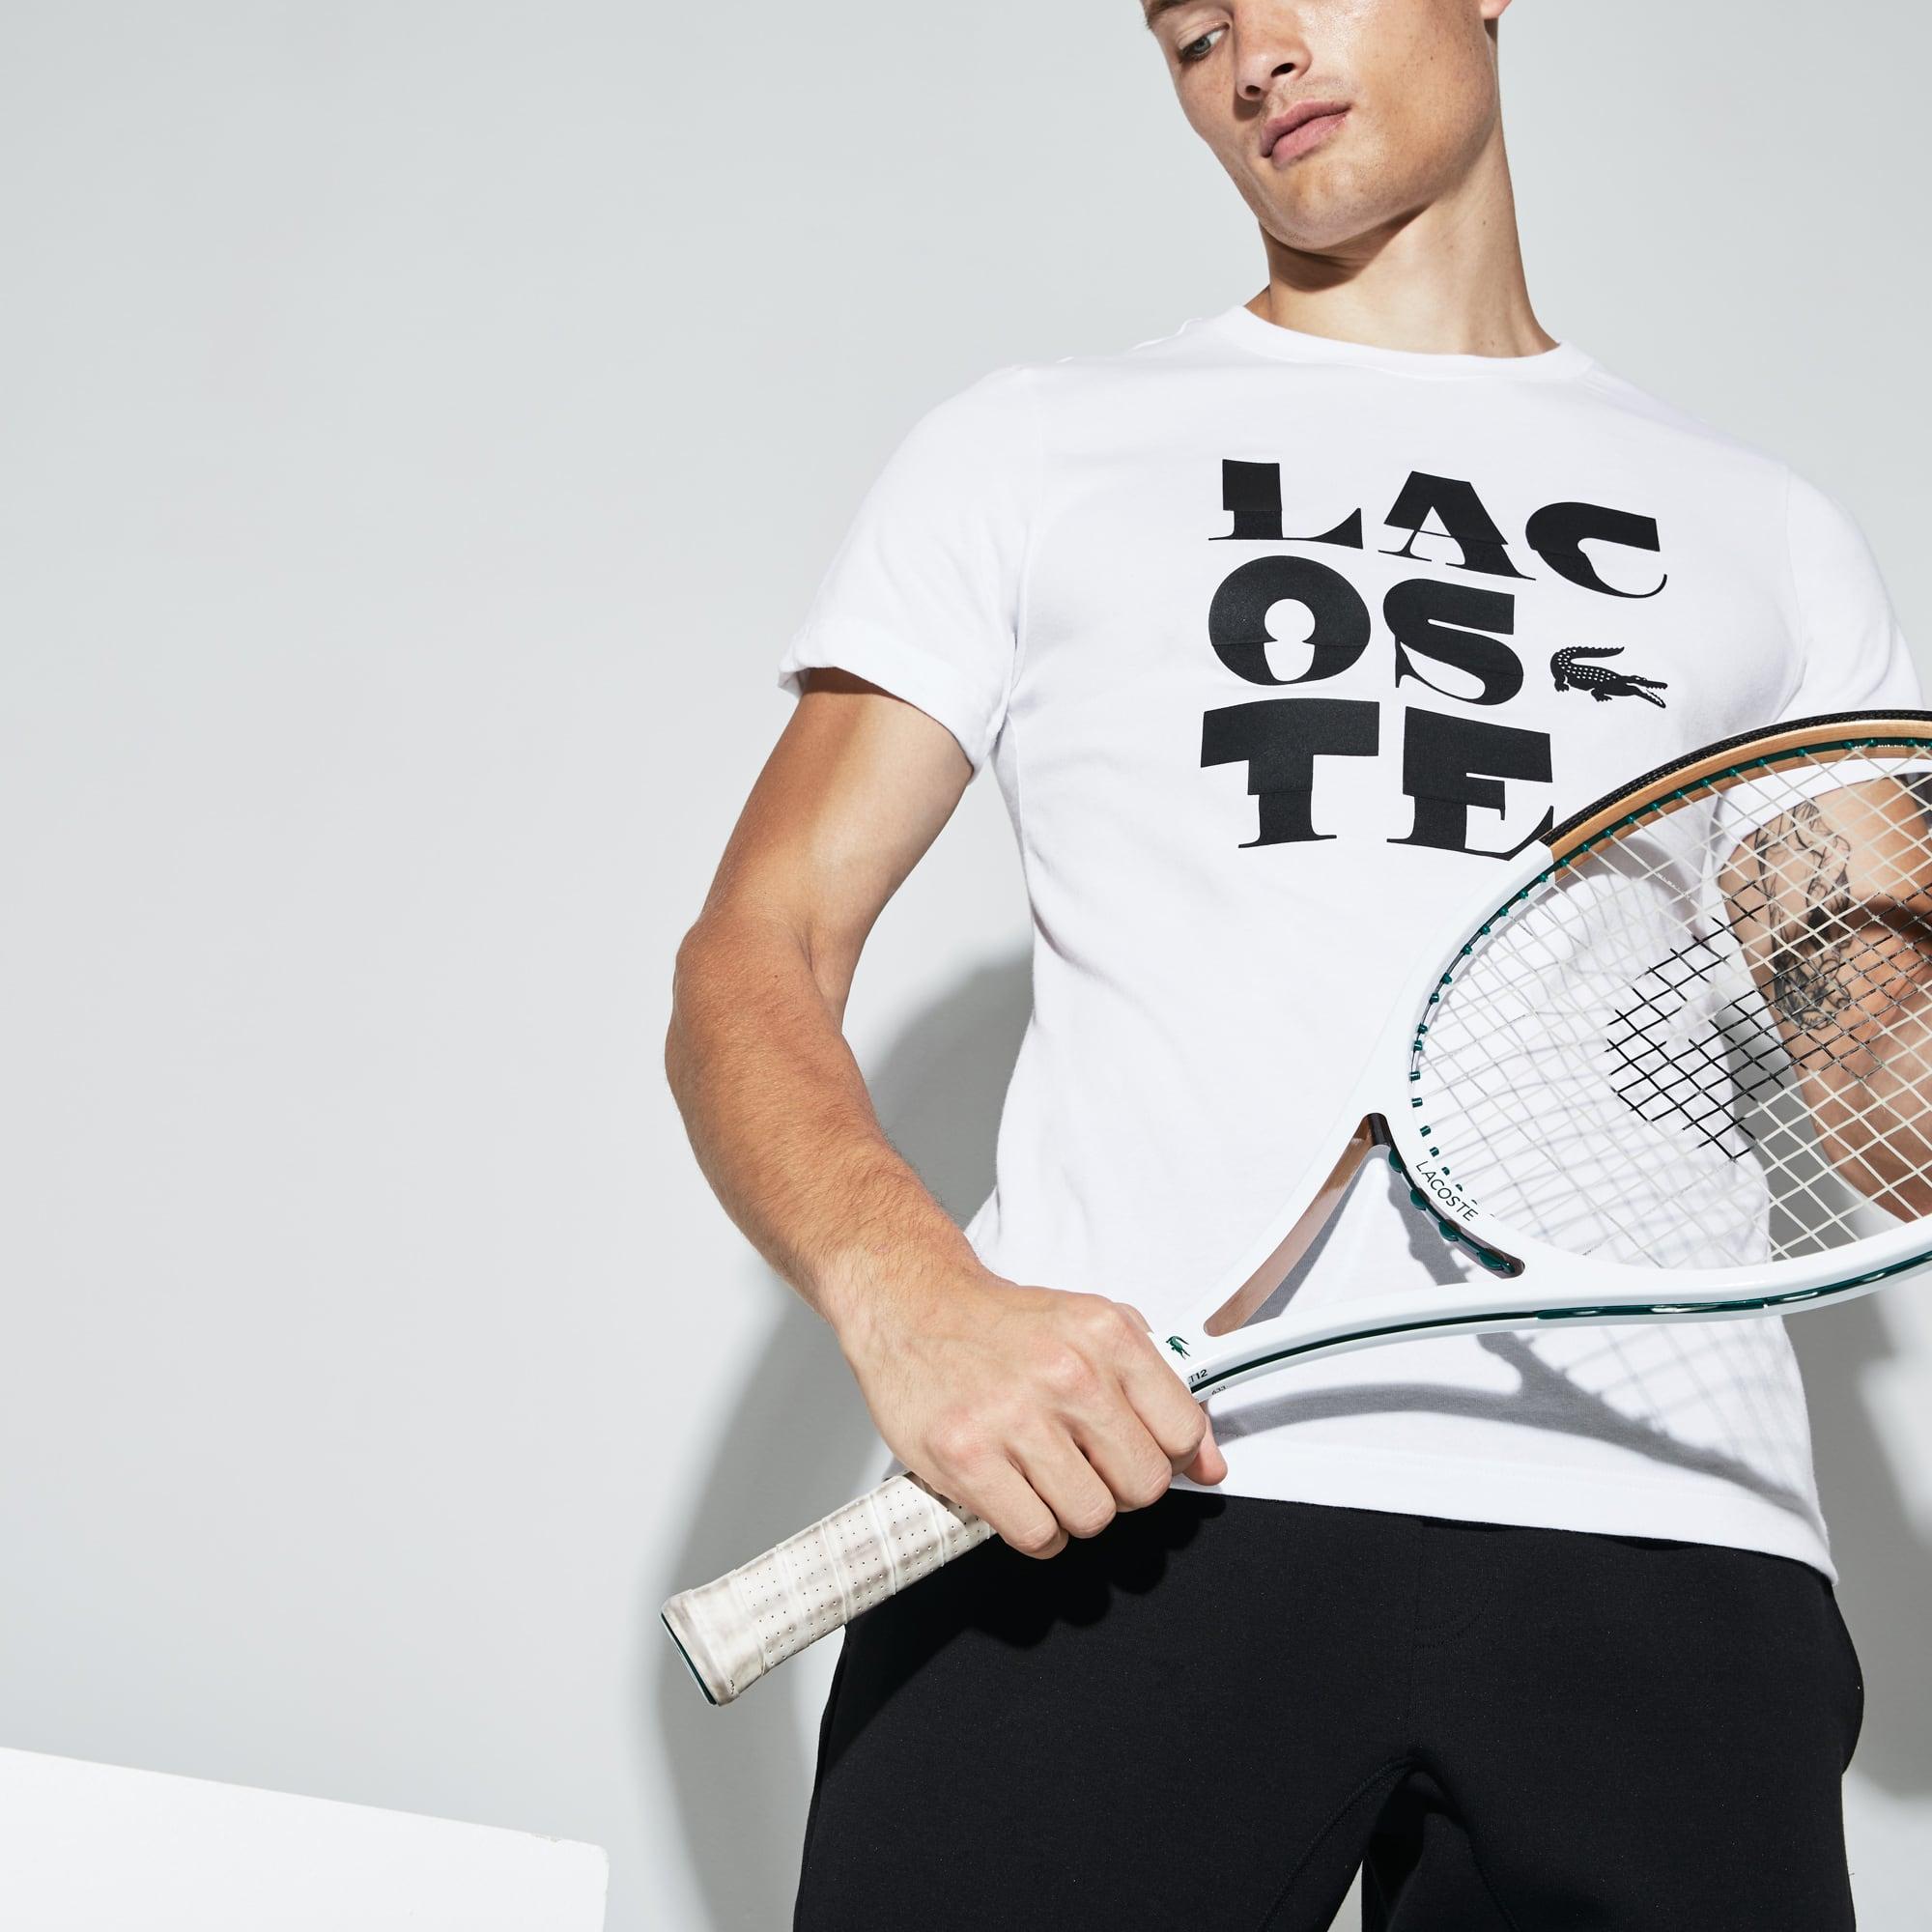 Lacoste - Herren LACOSTE SPORT Rundhals Tennis T-Shirt aus Jersey - 5